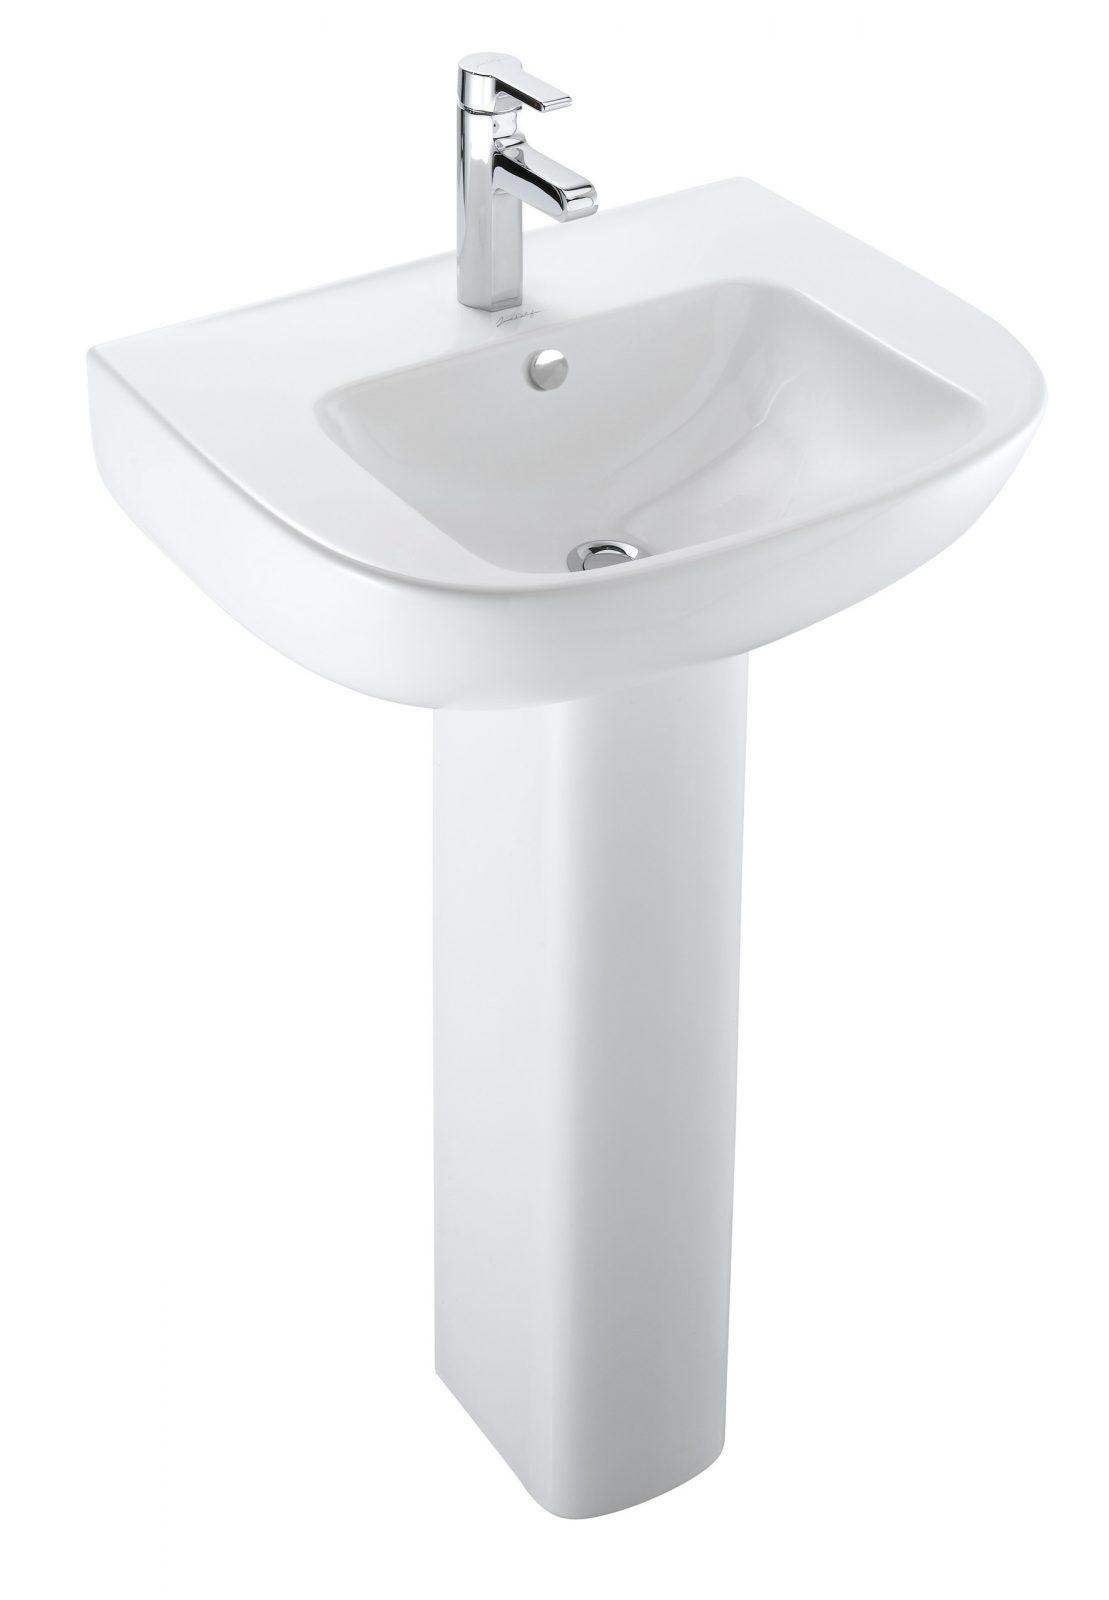 Lavabo colonne dans la salle de bains fiche produits for Colonne de salle de bain jacob delafon